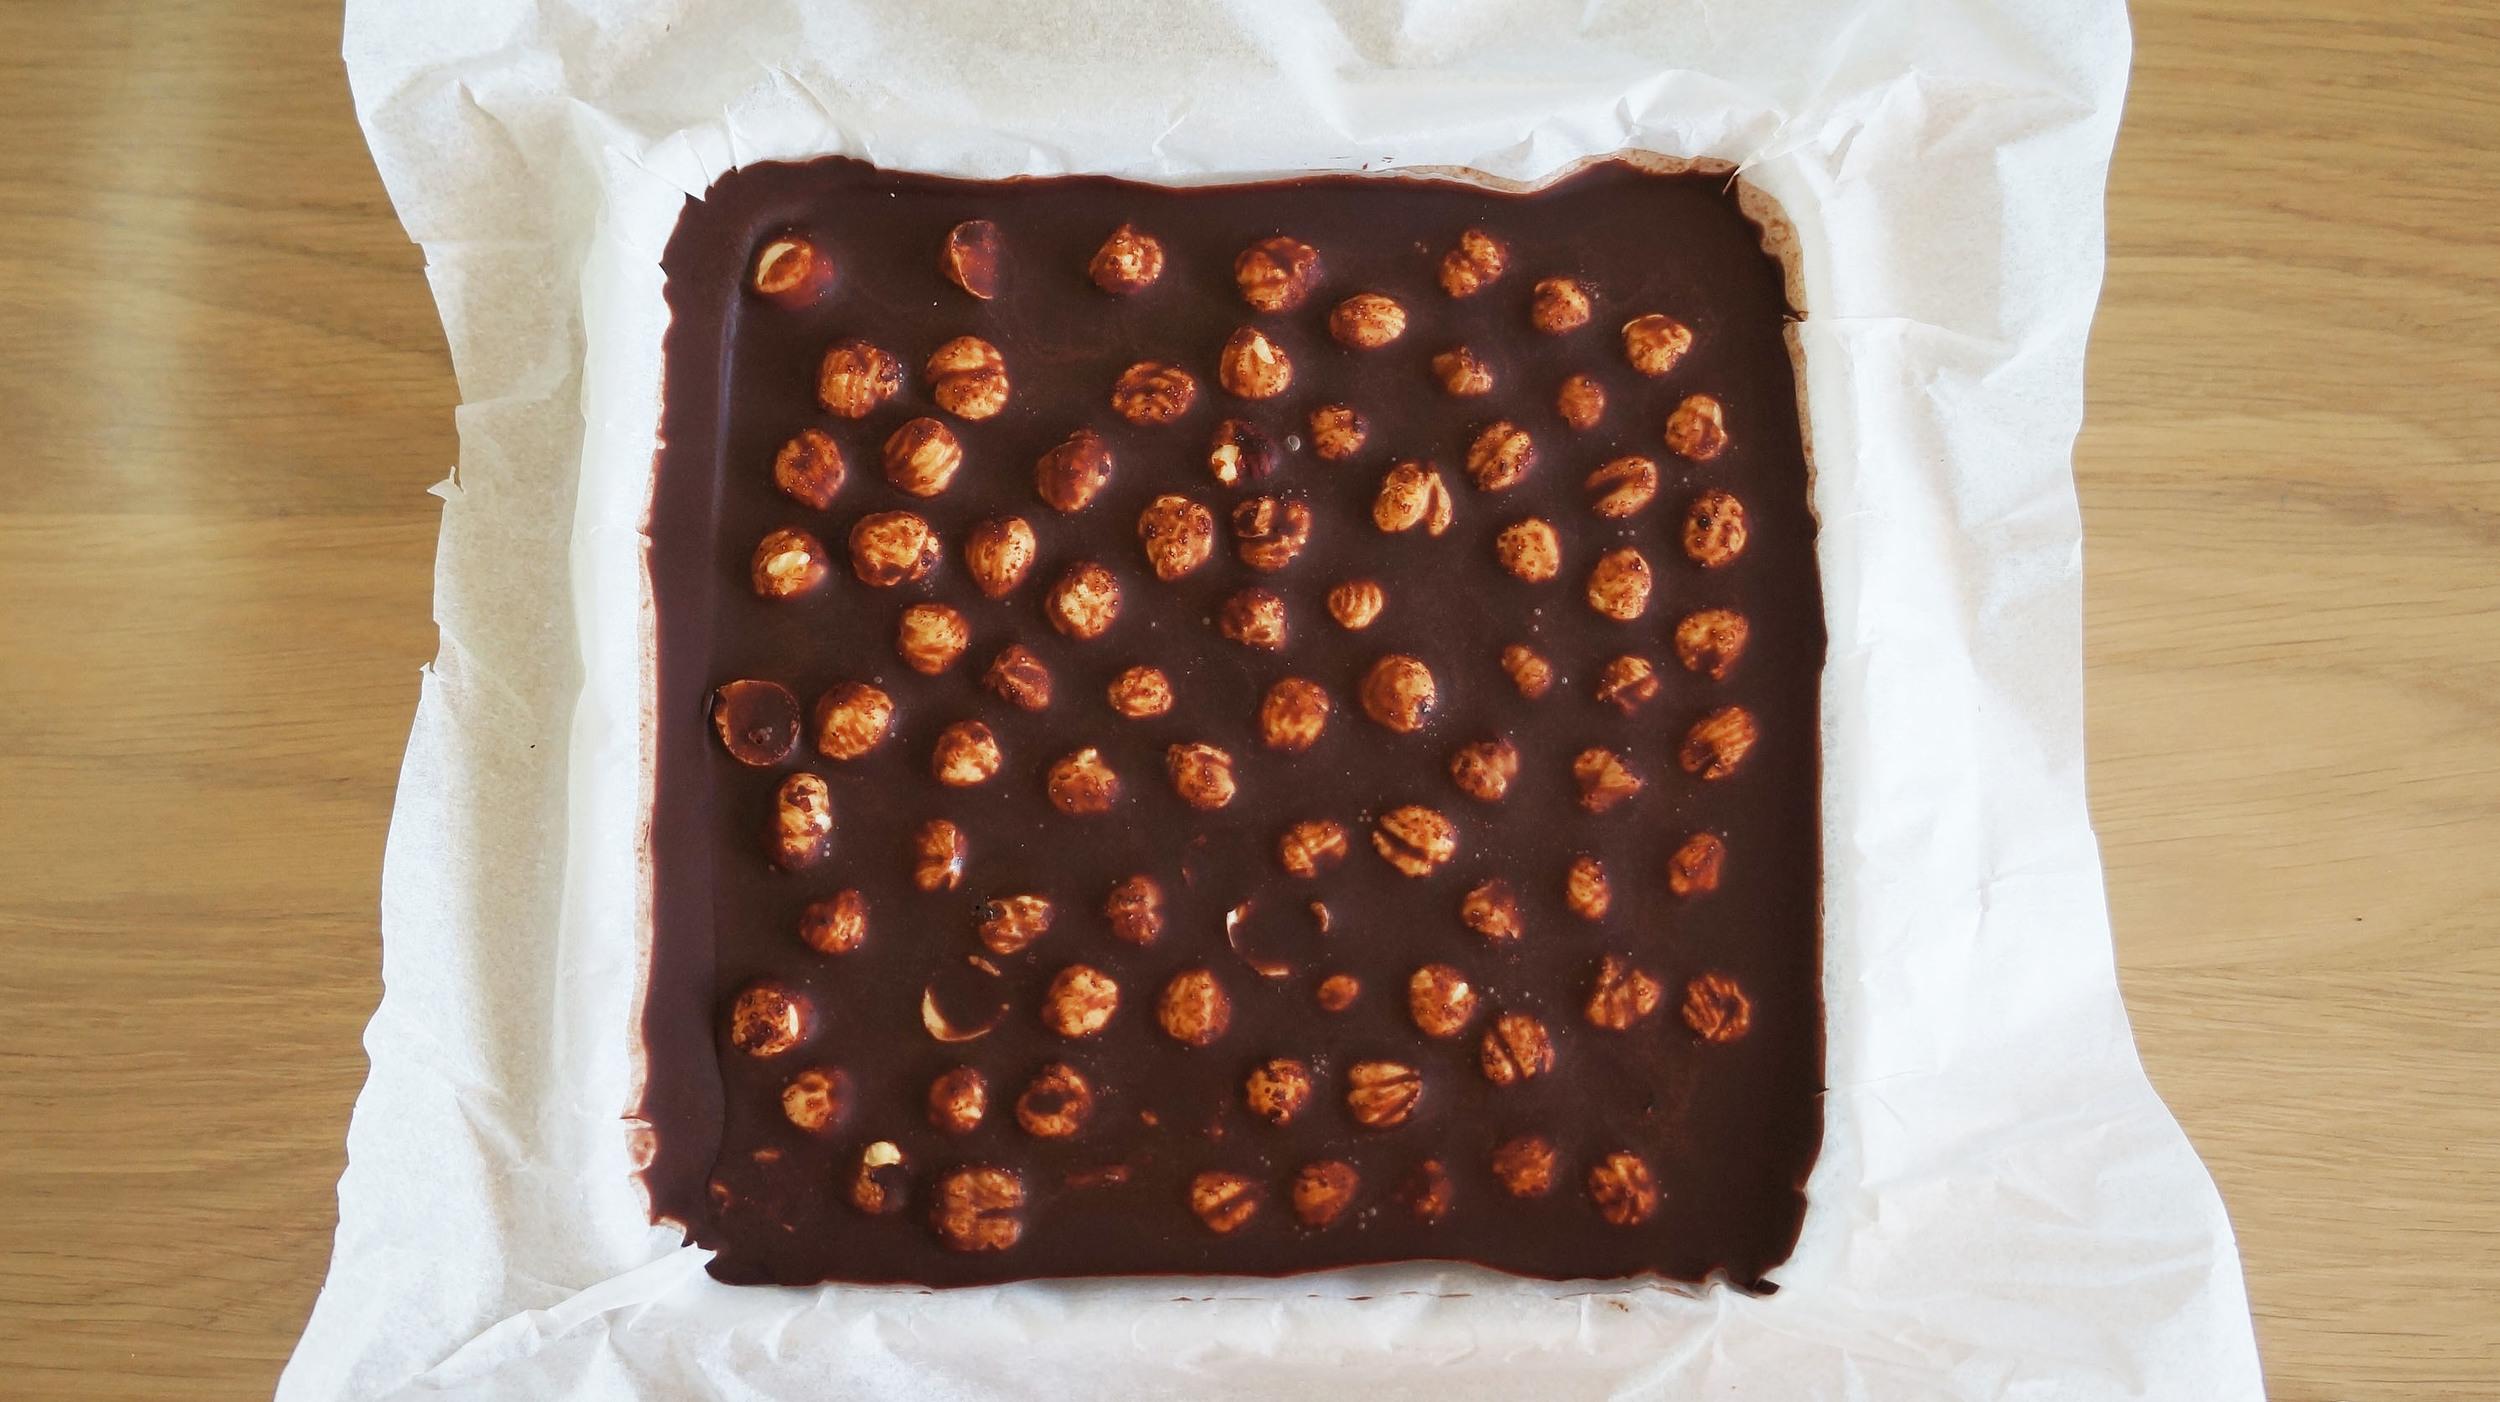 Pueden vaciar la mezcla enun plato con un papel para hornear como basepara evitar que el chocolate se pegue